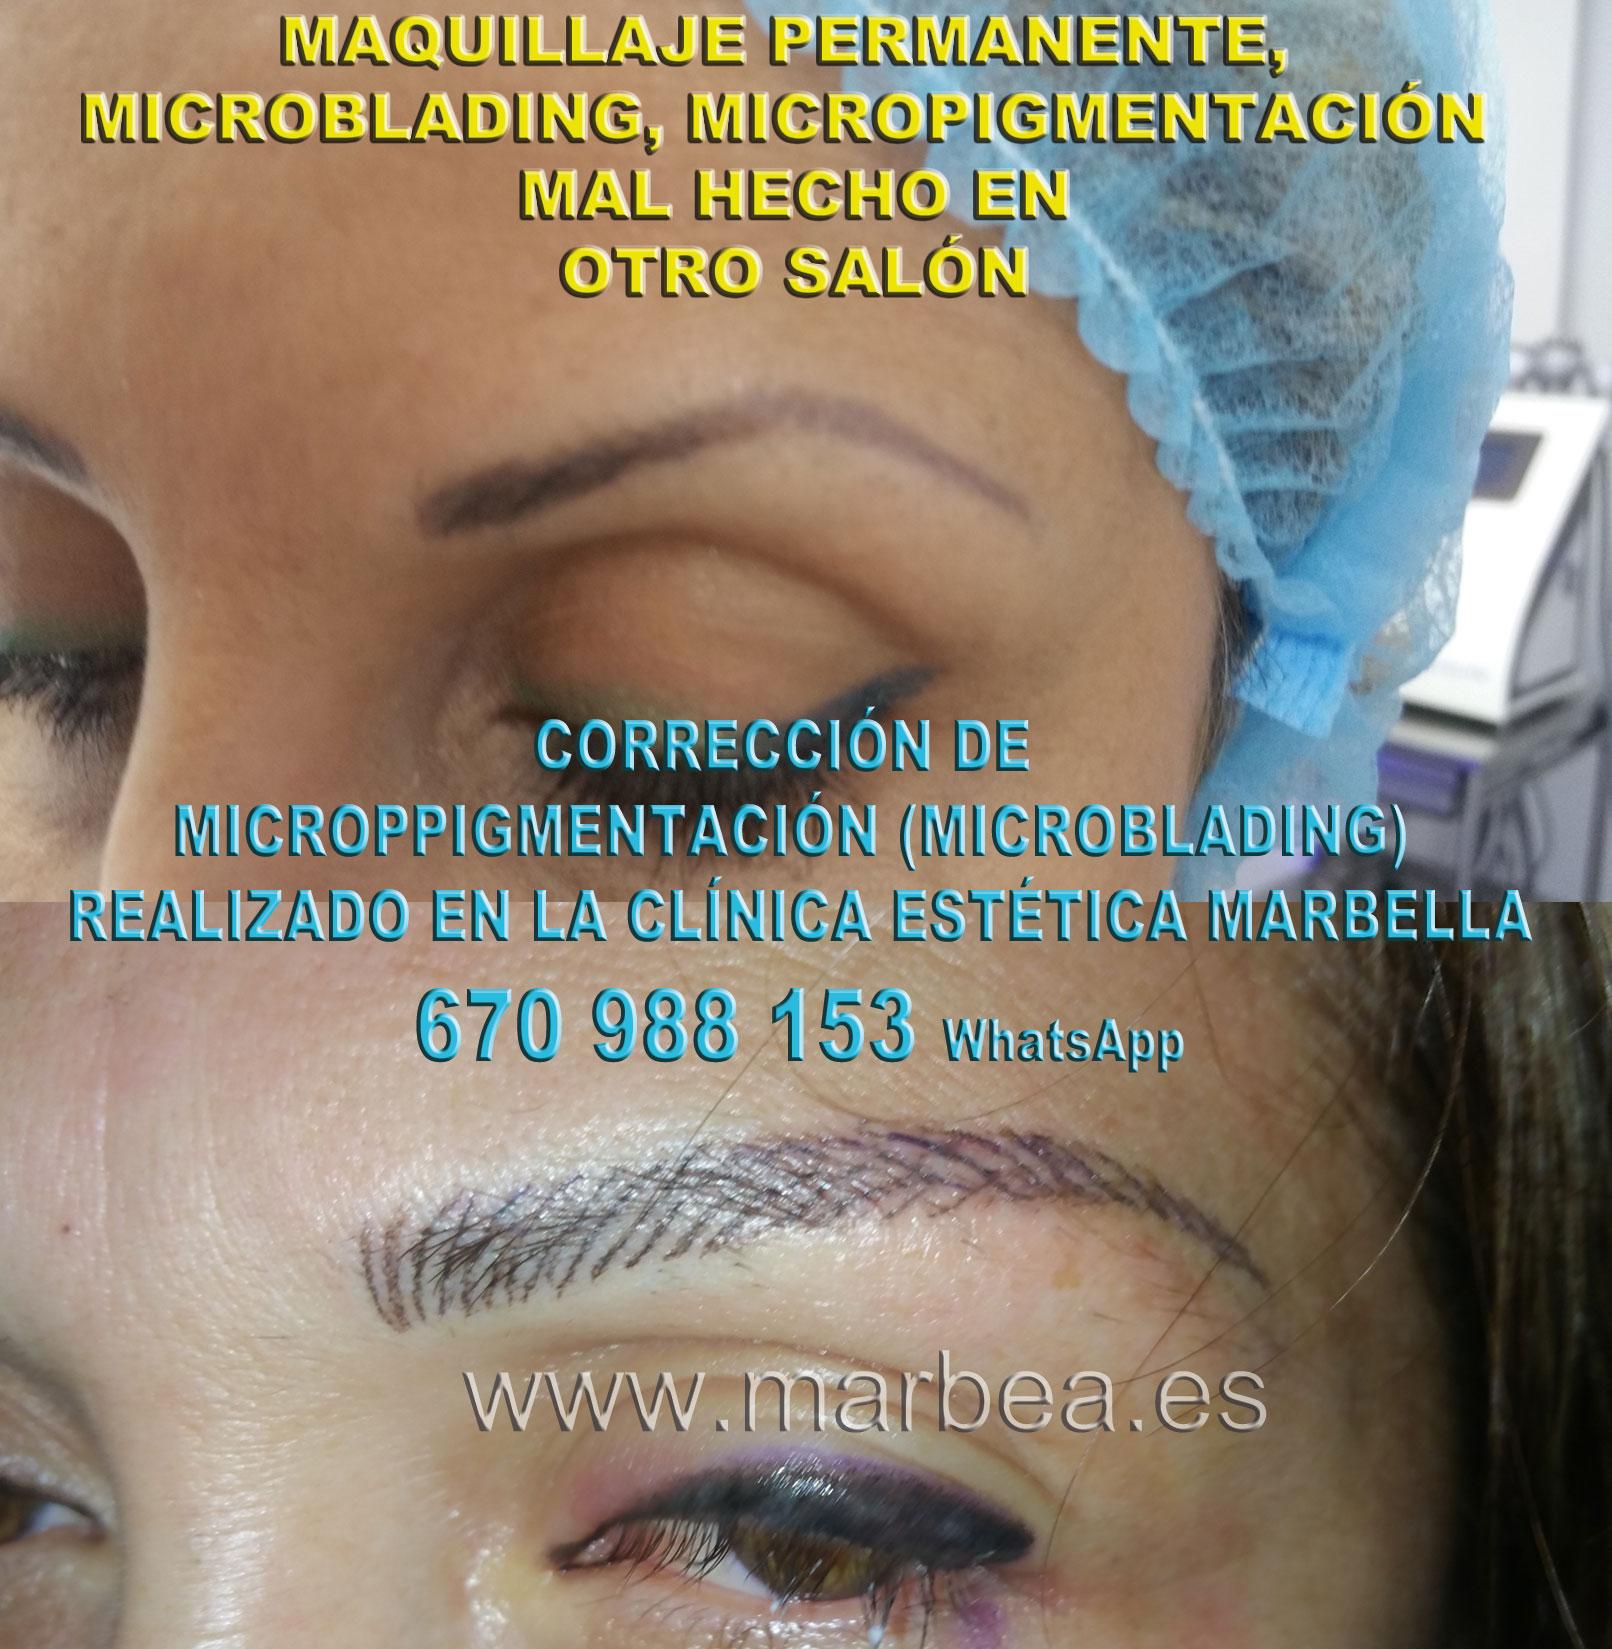 MAQUILLAJE PERMANENTE CEJAS MAL HECHO clínica estética micropigmentación propone eliminar la micropigmentación de cejas,reparamos microppigmentacion mal hechos